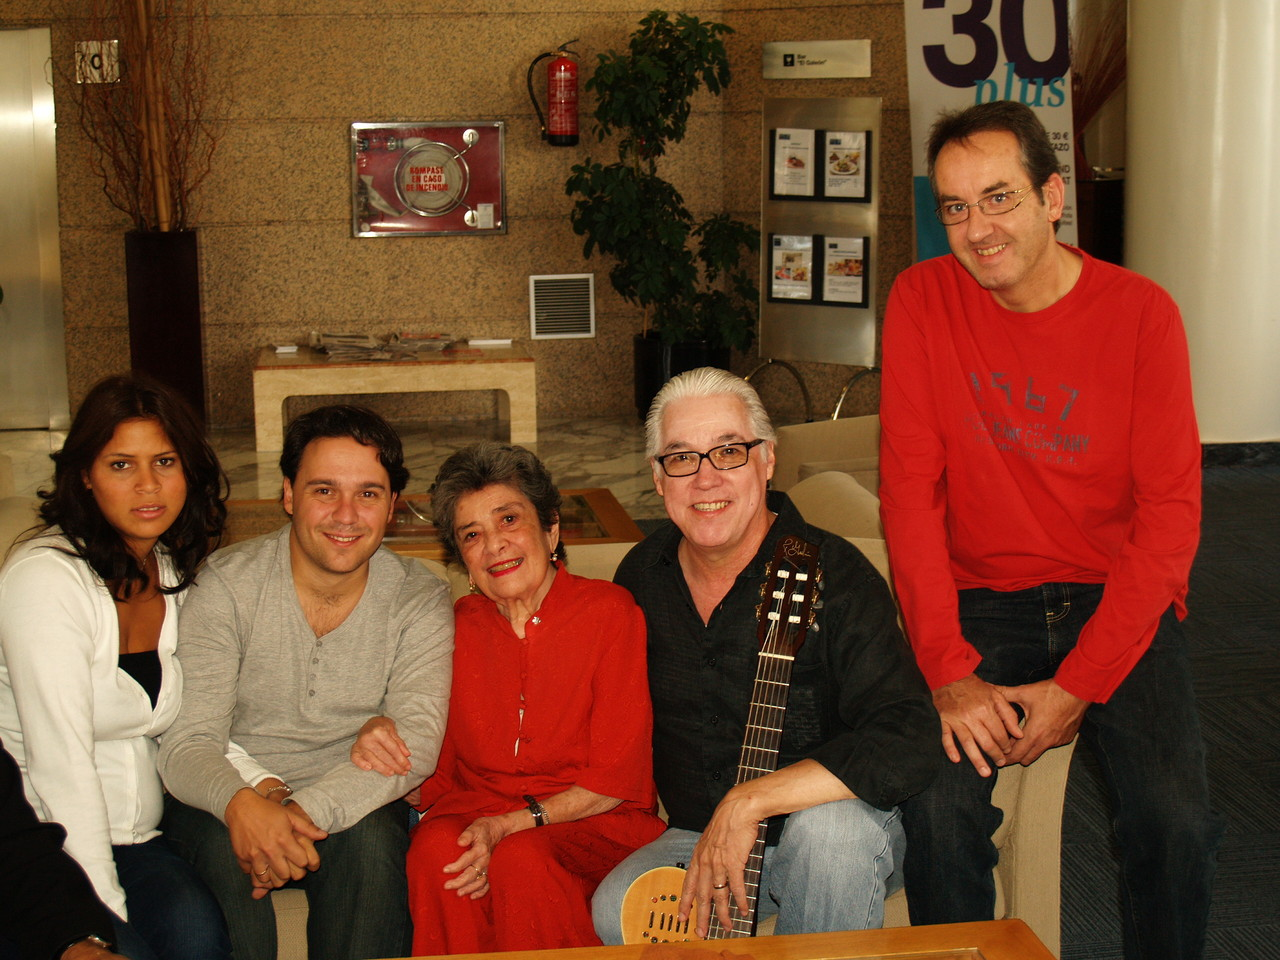 Con Claribel Alegría, Luis Enrique Mejía Godoy y Javier Bozalongo.